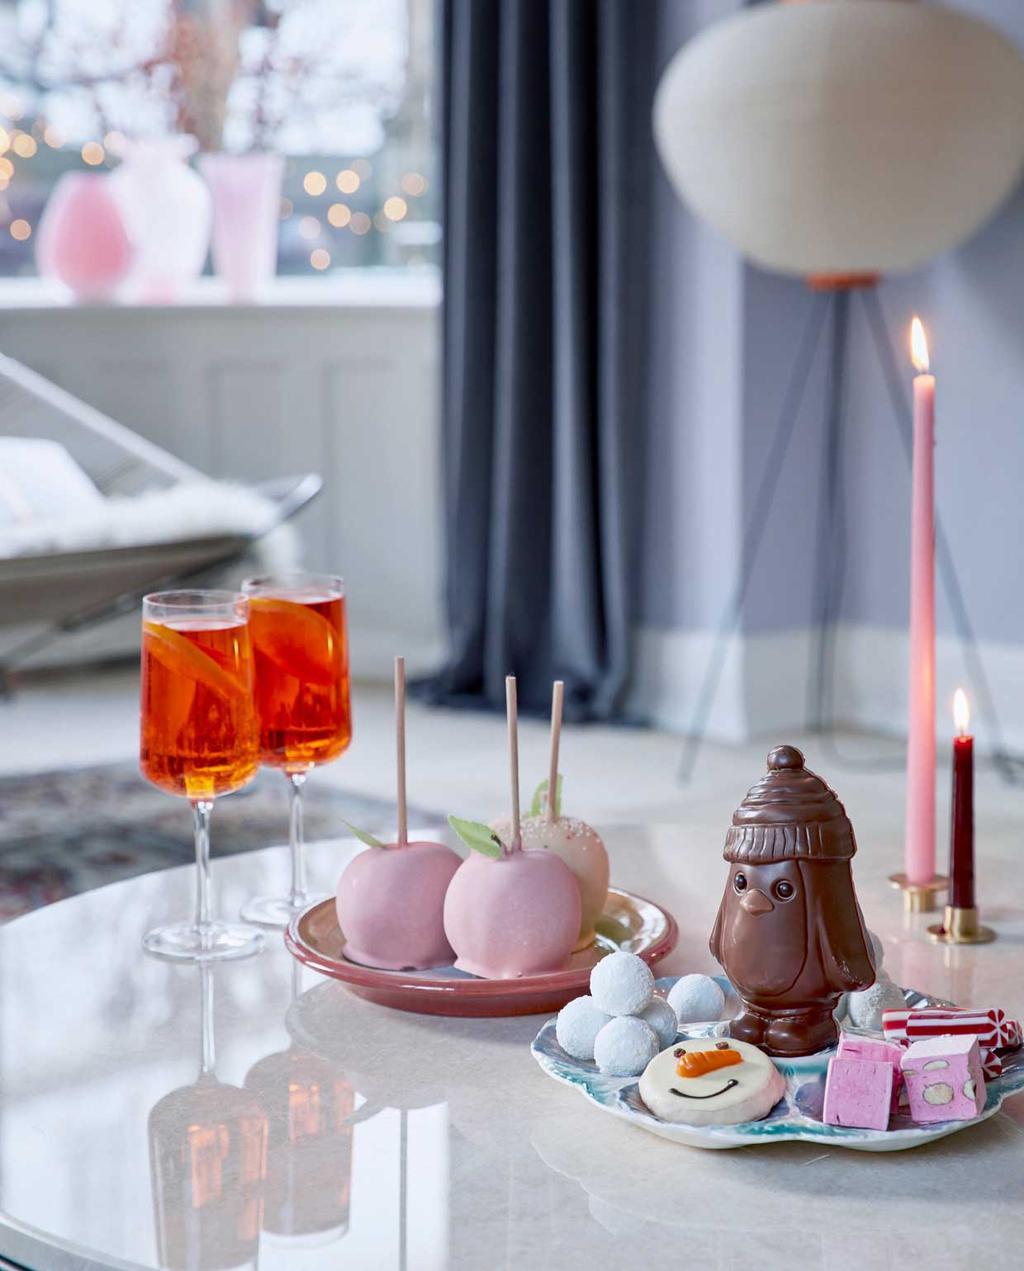 vtwonen 12-2020 BK special | binnenkijken in een kersthuis met salontafel met lekkers